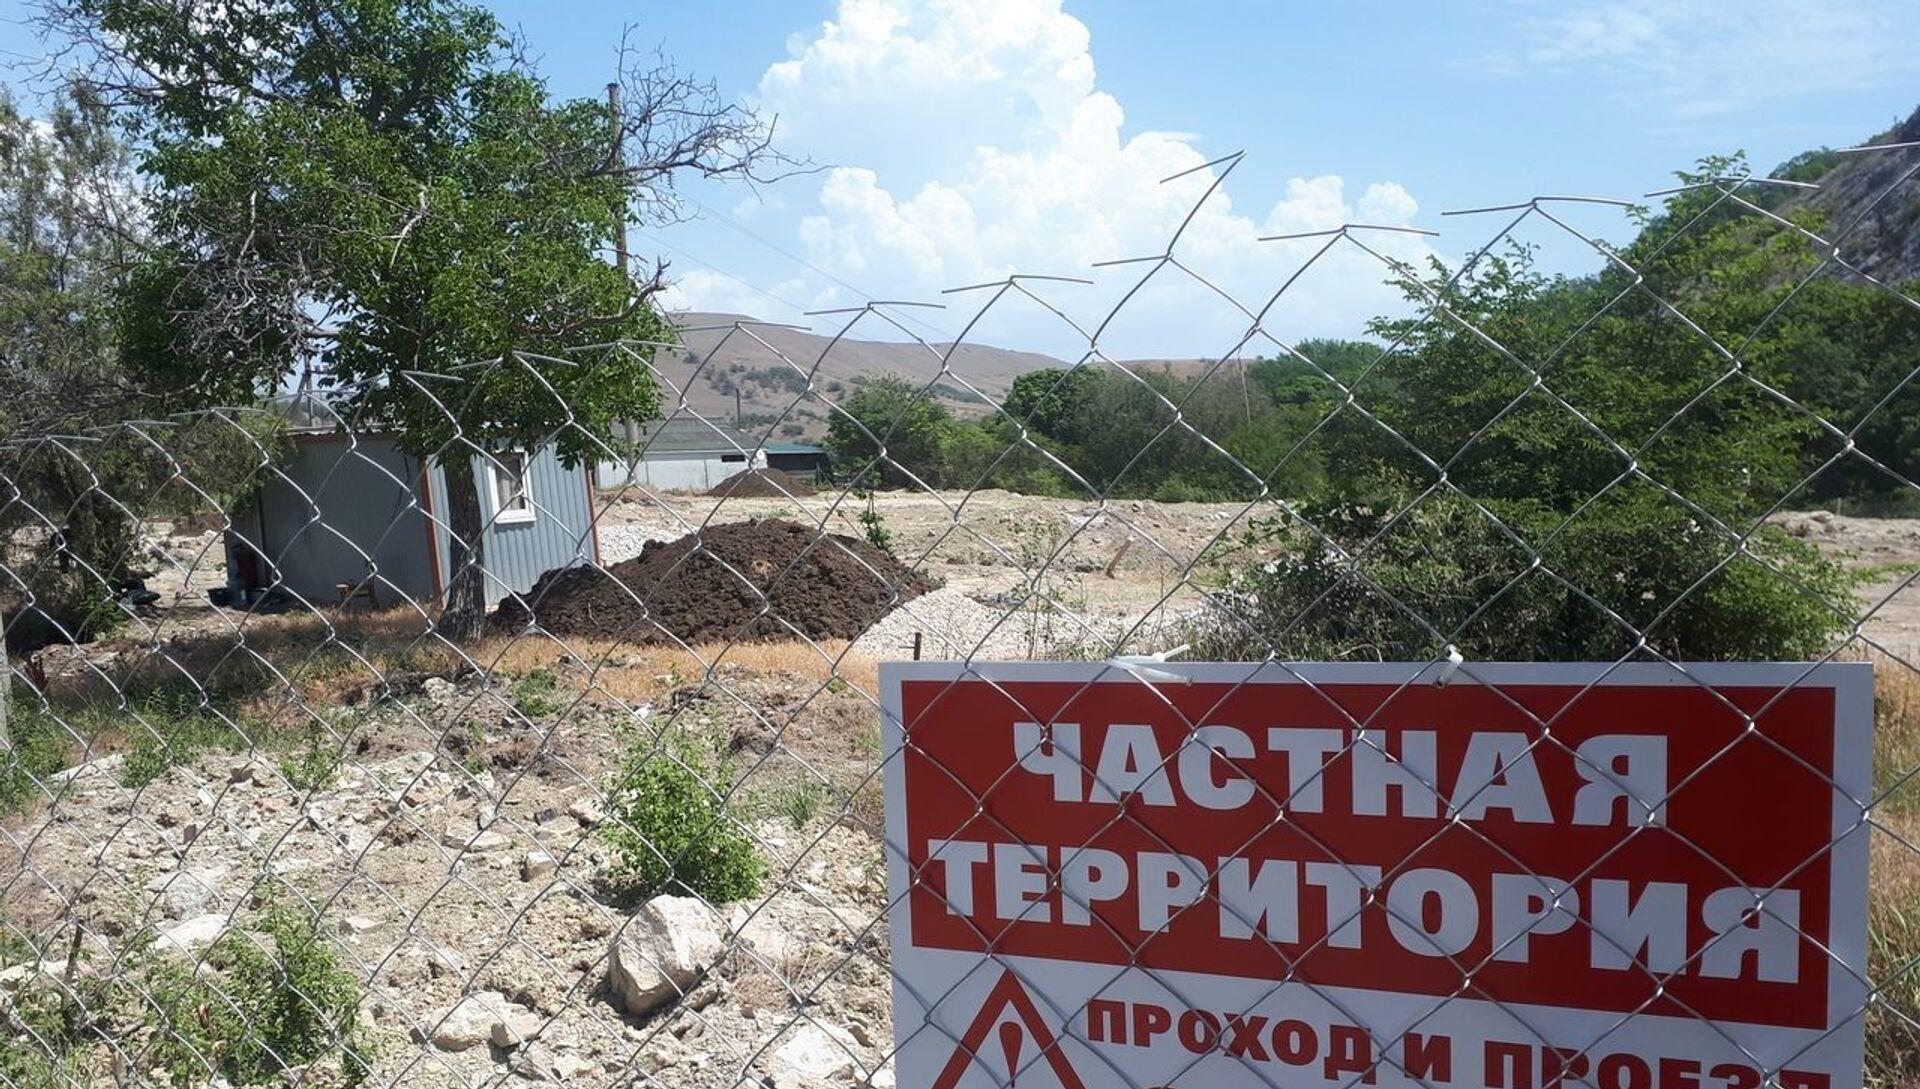 Незаконная стройка снова началась возле Кара-Дага - РИА Новости, 1920, 21.06.2020